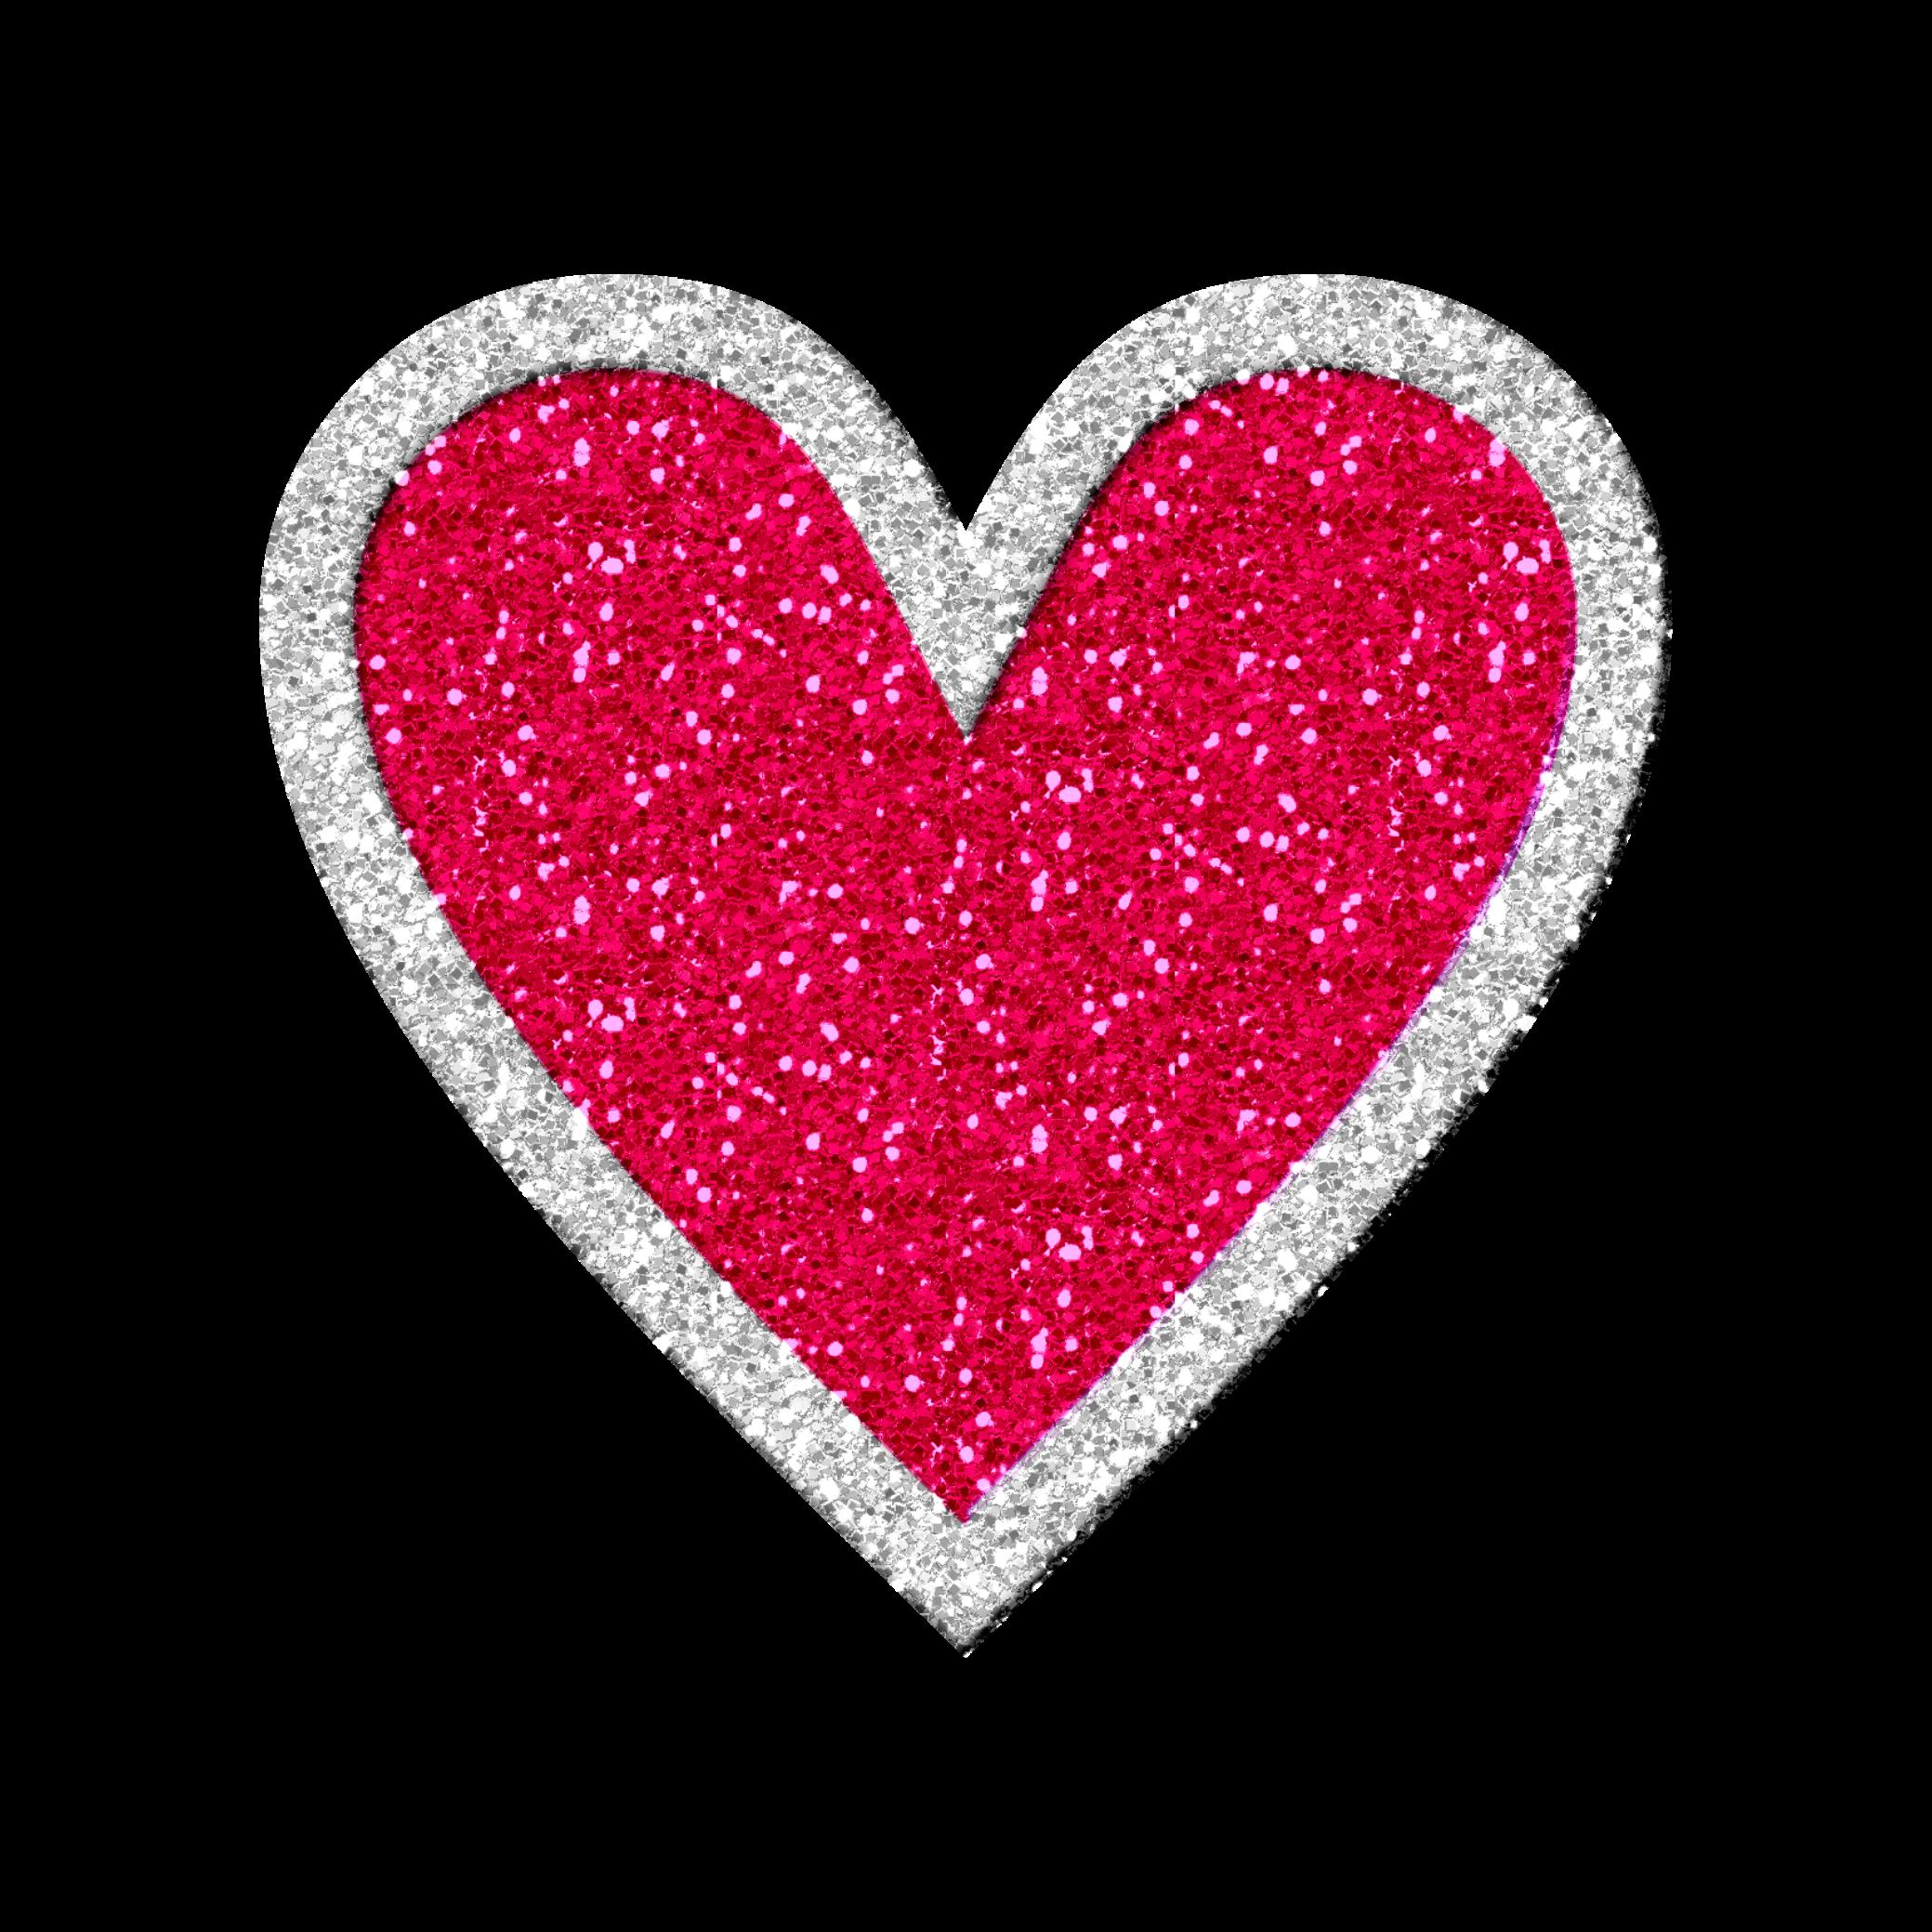 Стихи, смотреть картинки сердечки разноцветные анимации